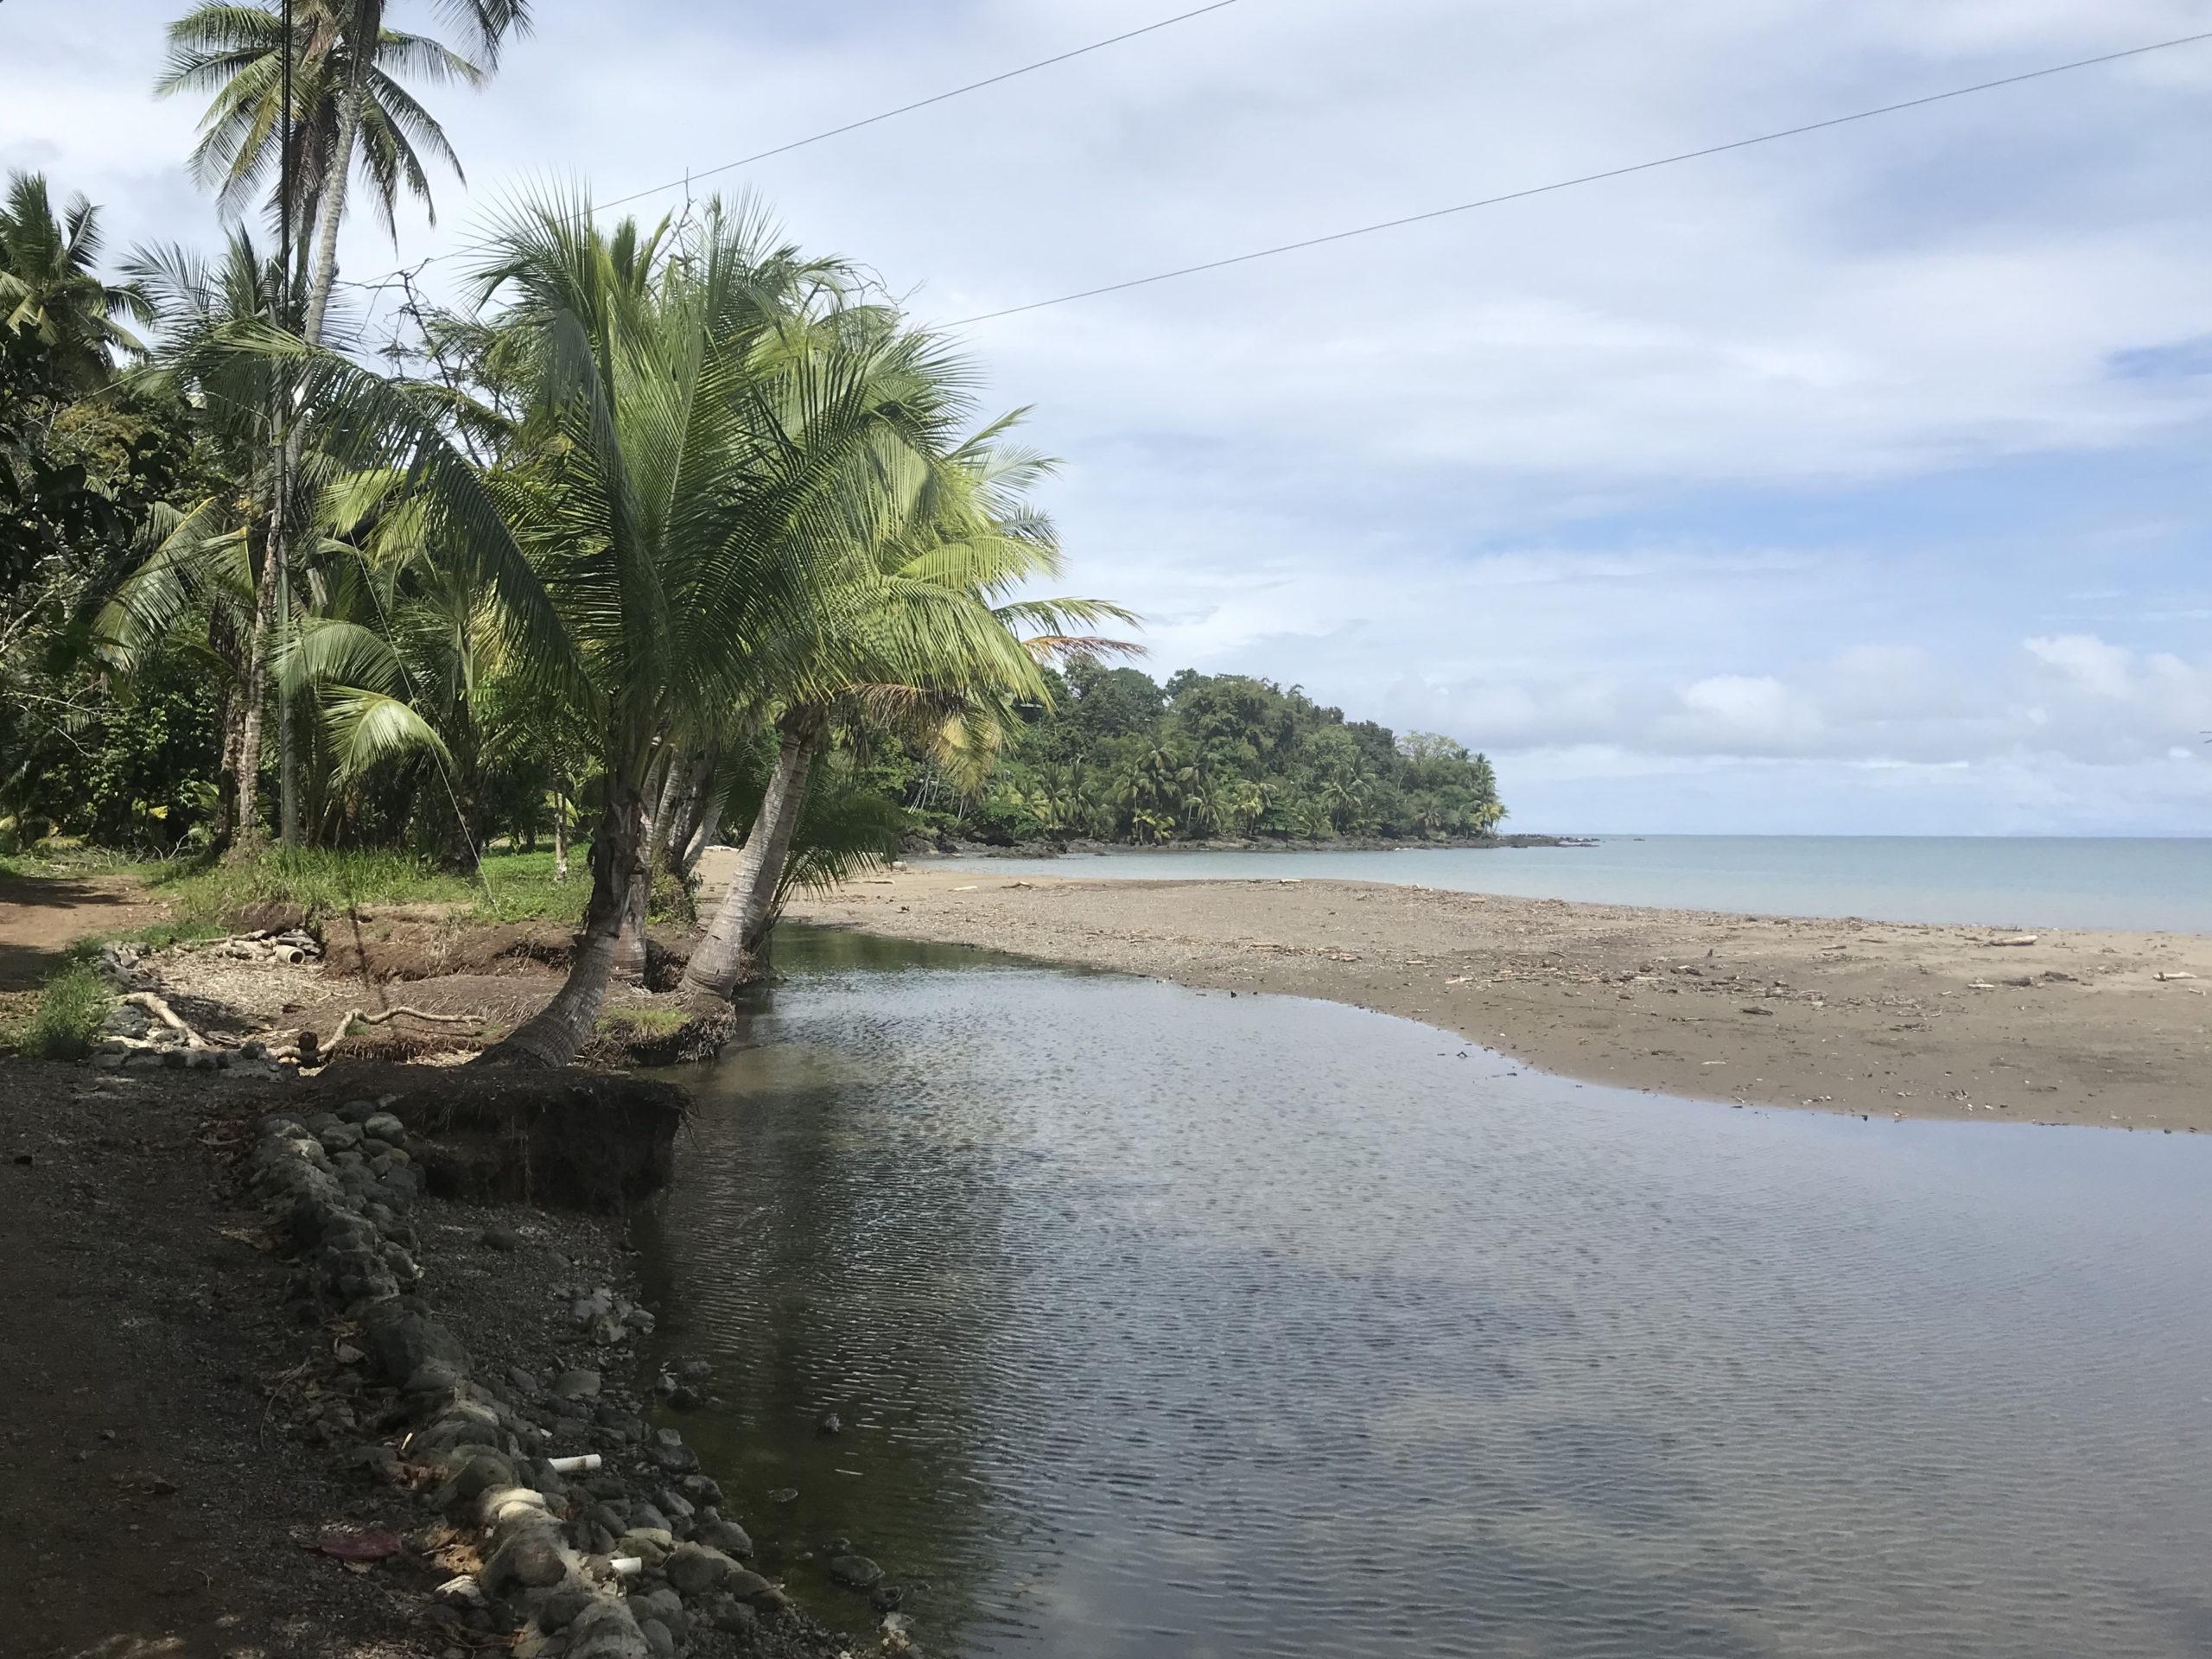 Angekommen in Costa Rica